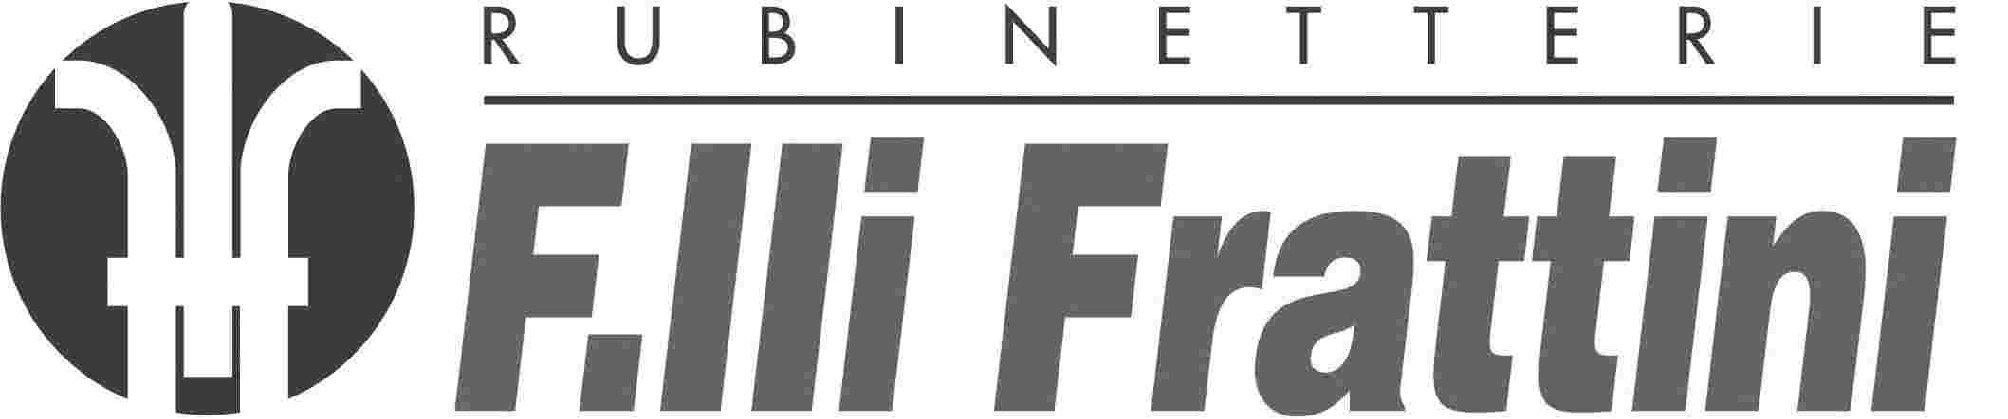 f.lli frattini logo